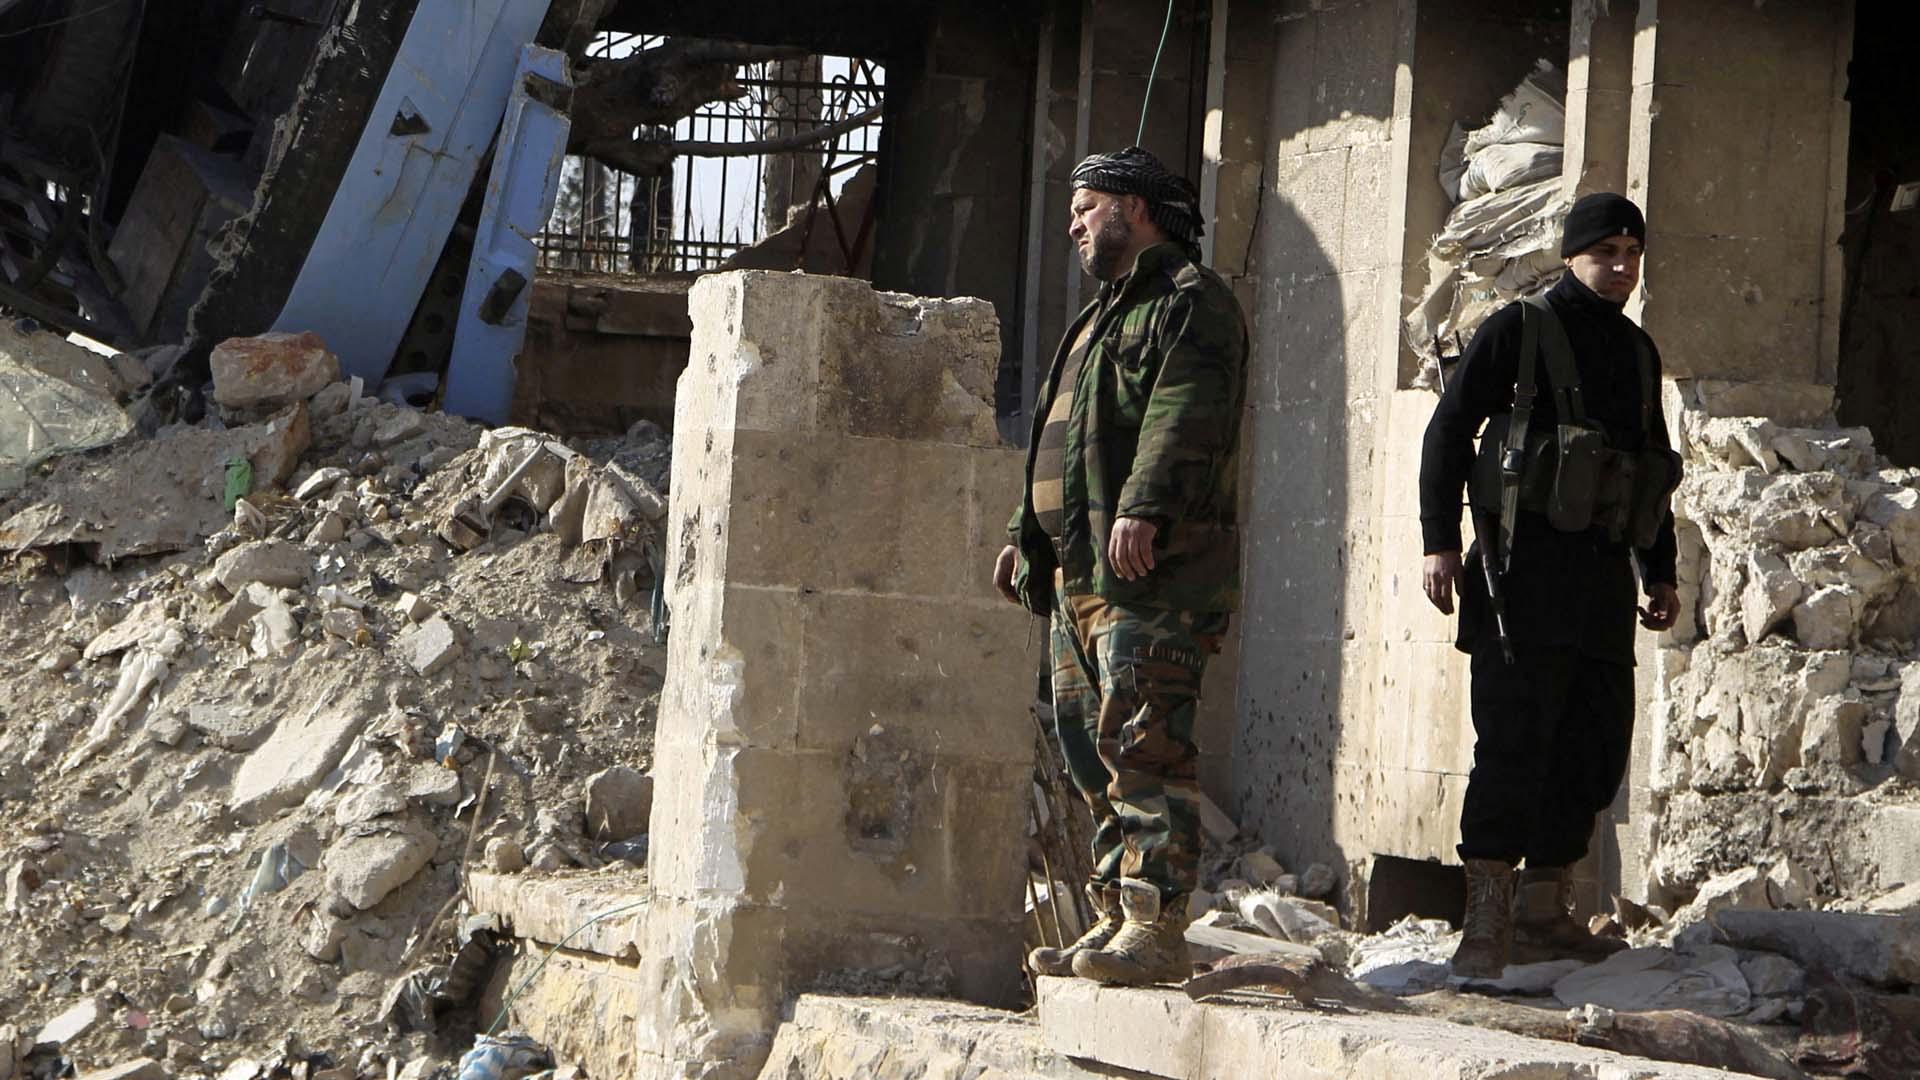 La mayoría de los fallecidos fueron civiles. El hecho ocurrió cerca de Al Raqqa, el principal bastión del Estado Islámico